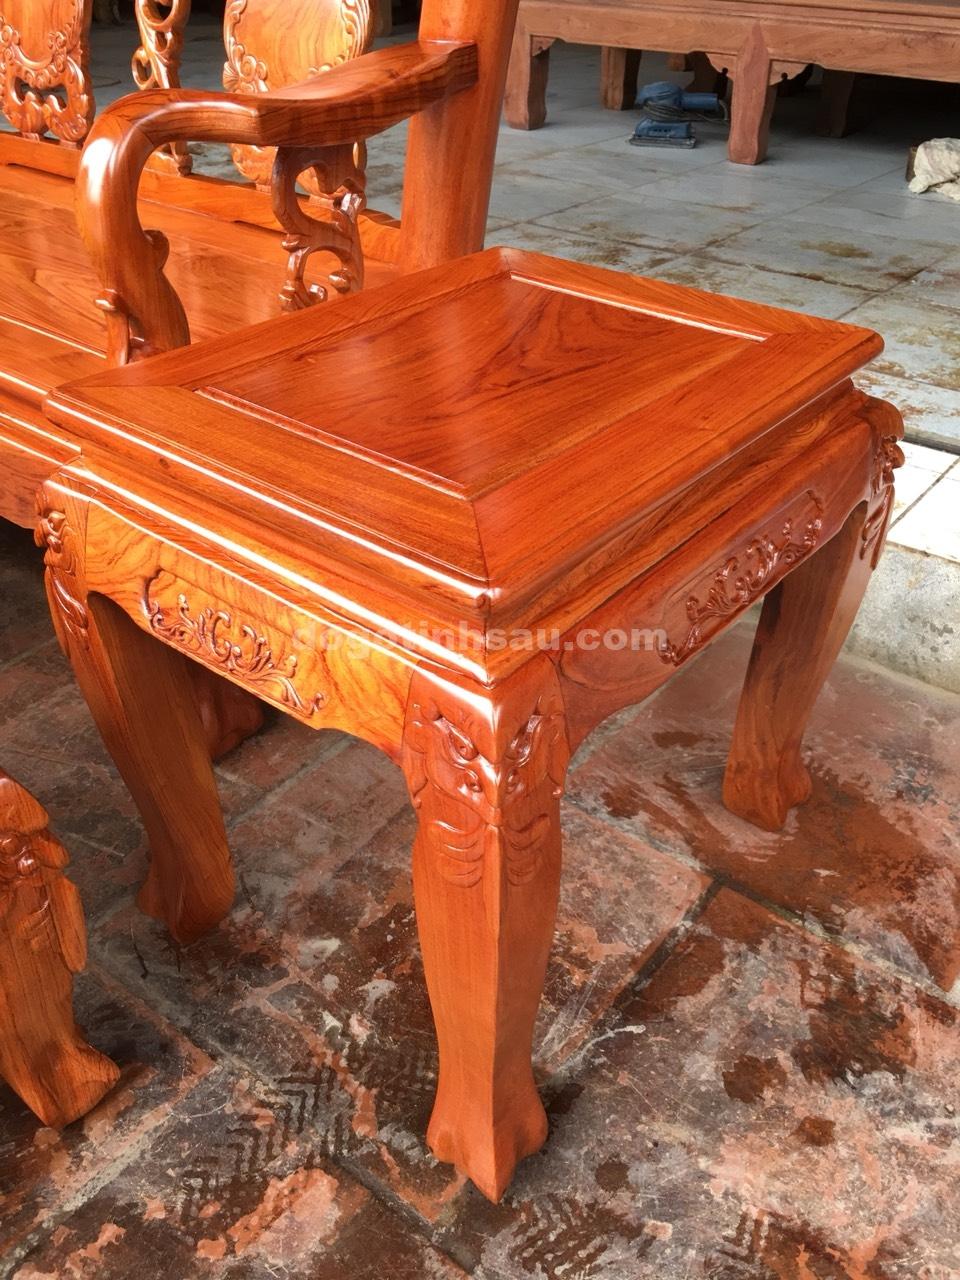 bo ban ghe minh quoc dao go huong da tay 10 vach tron 9 - Bộ bàn ghế Minh Quốc đào gỗ hương đá tay 10 vách trơn